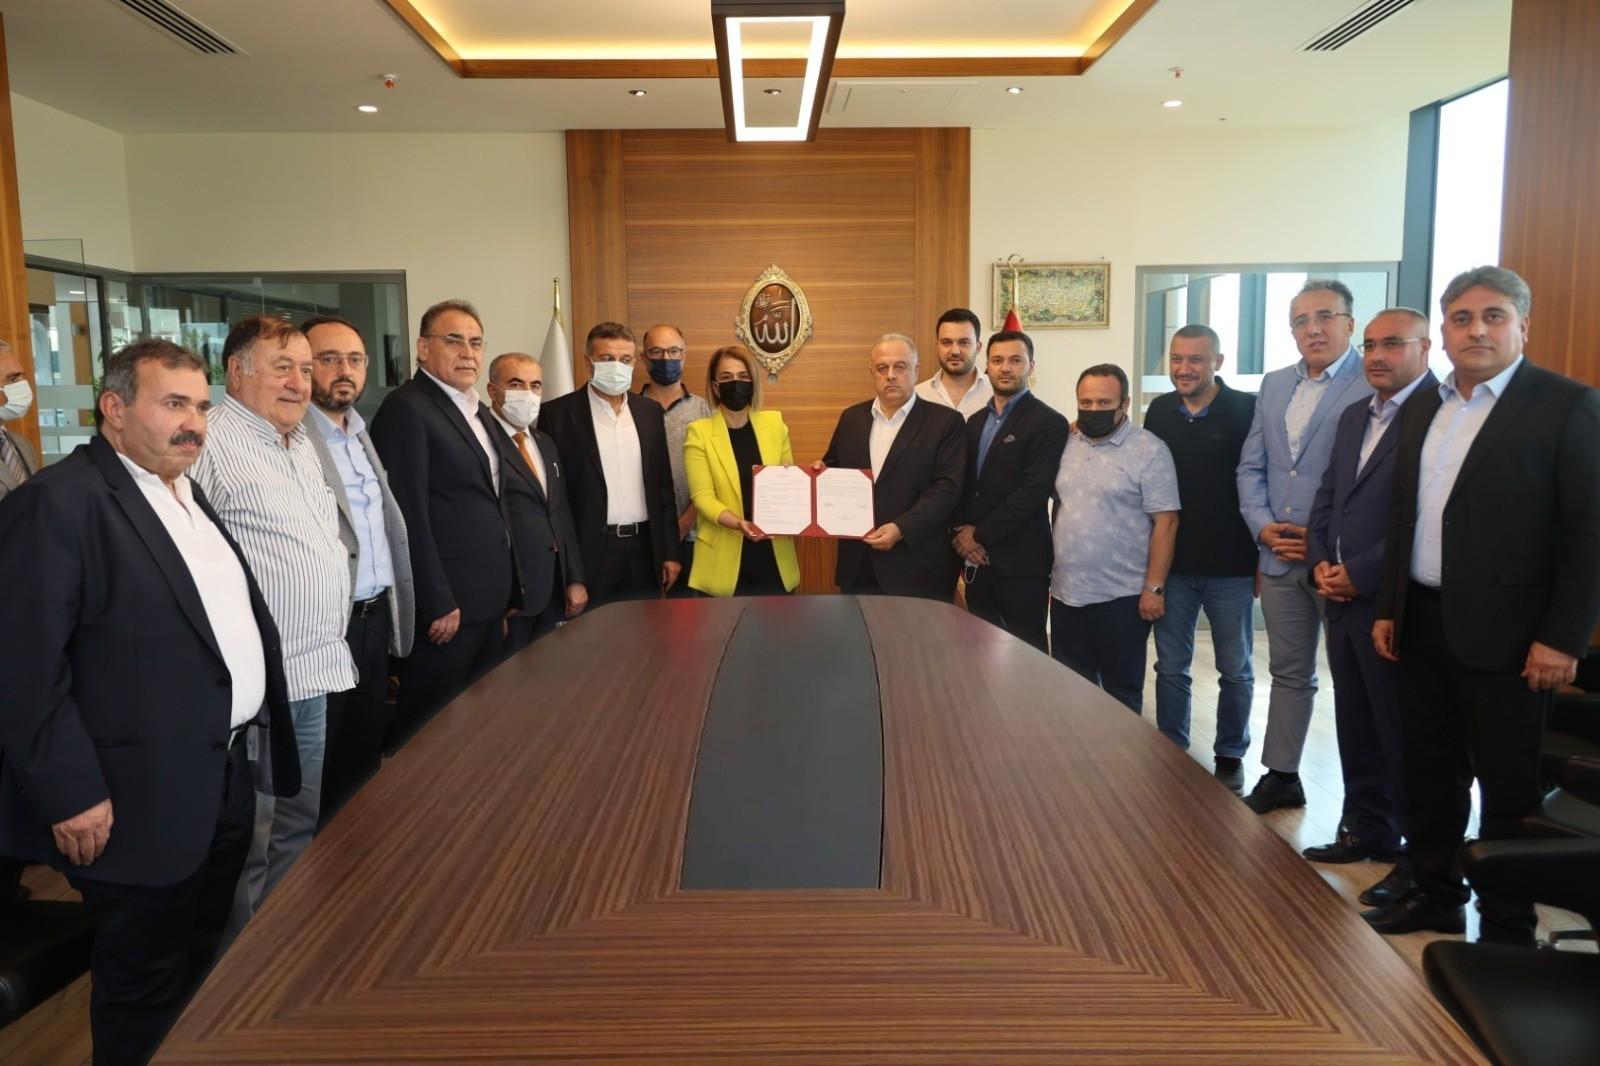 Nevşehir'de 24 derslikli okul yapım protokolü imzalandı